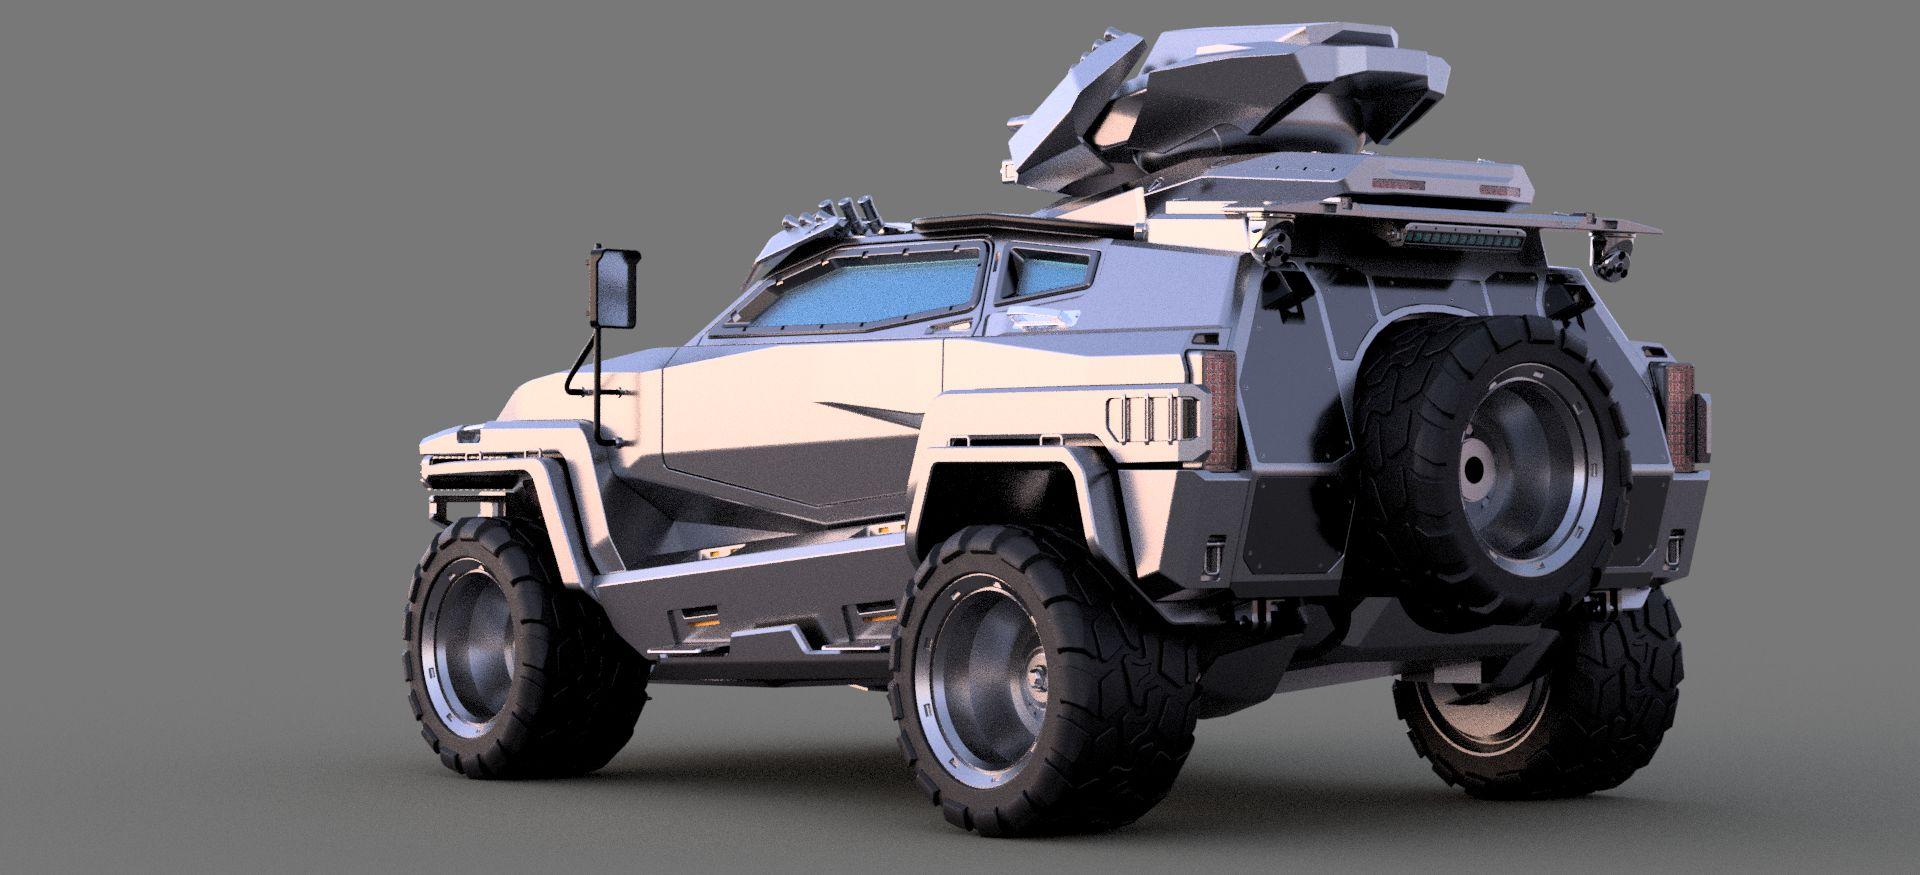 Bronevik-v734-3500-3500